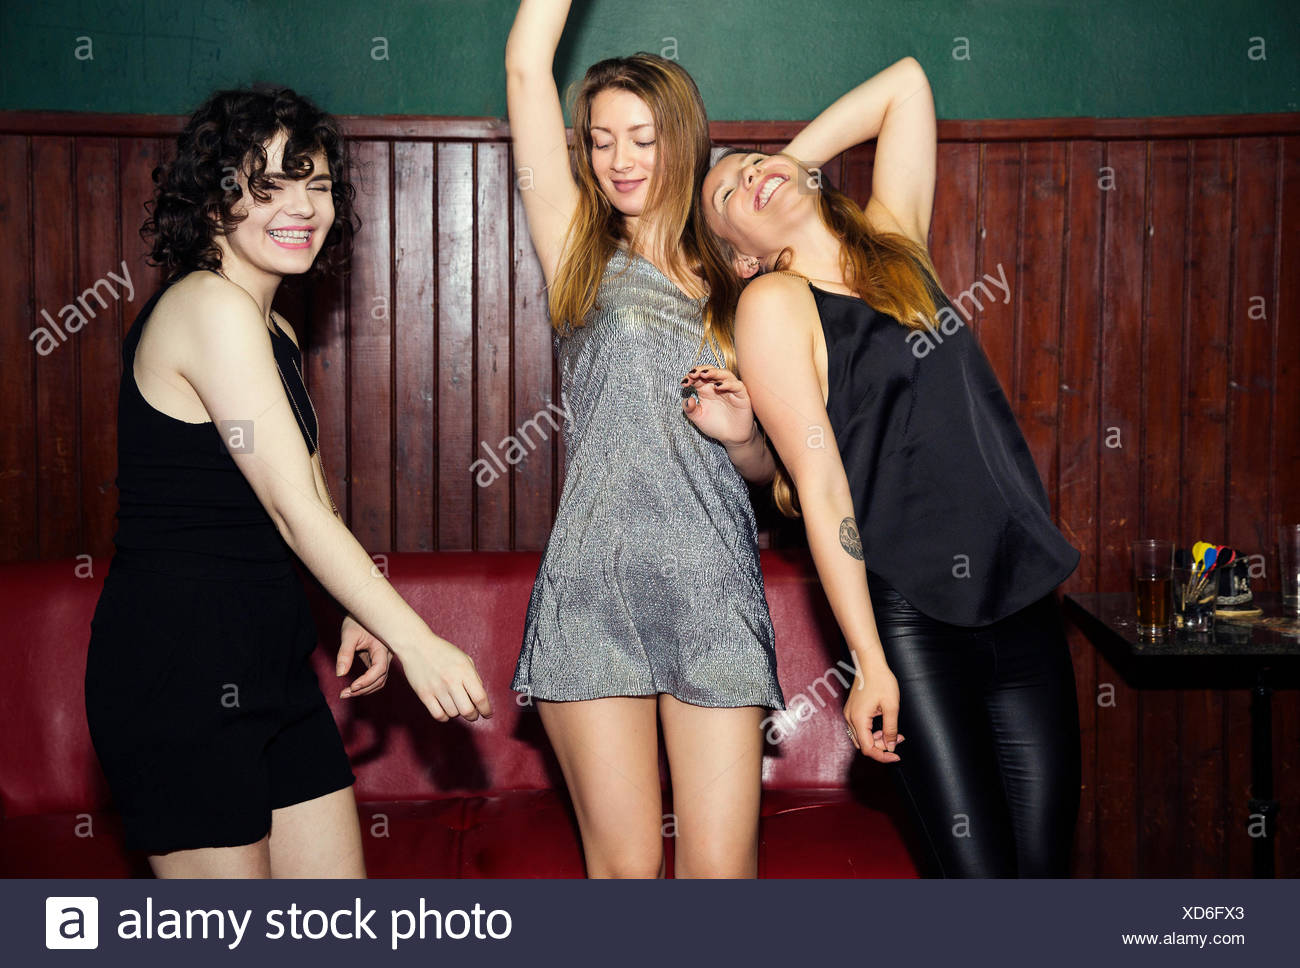 Tres mujeres adultas amigos bailando juntos en el club Imagen De Stock